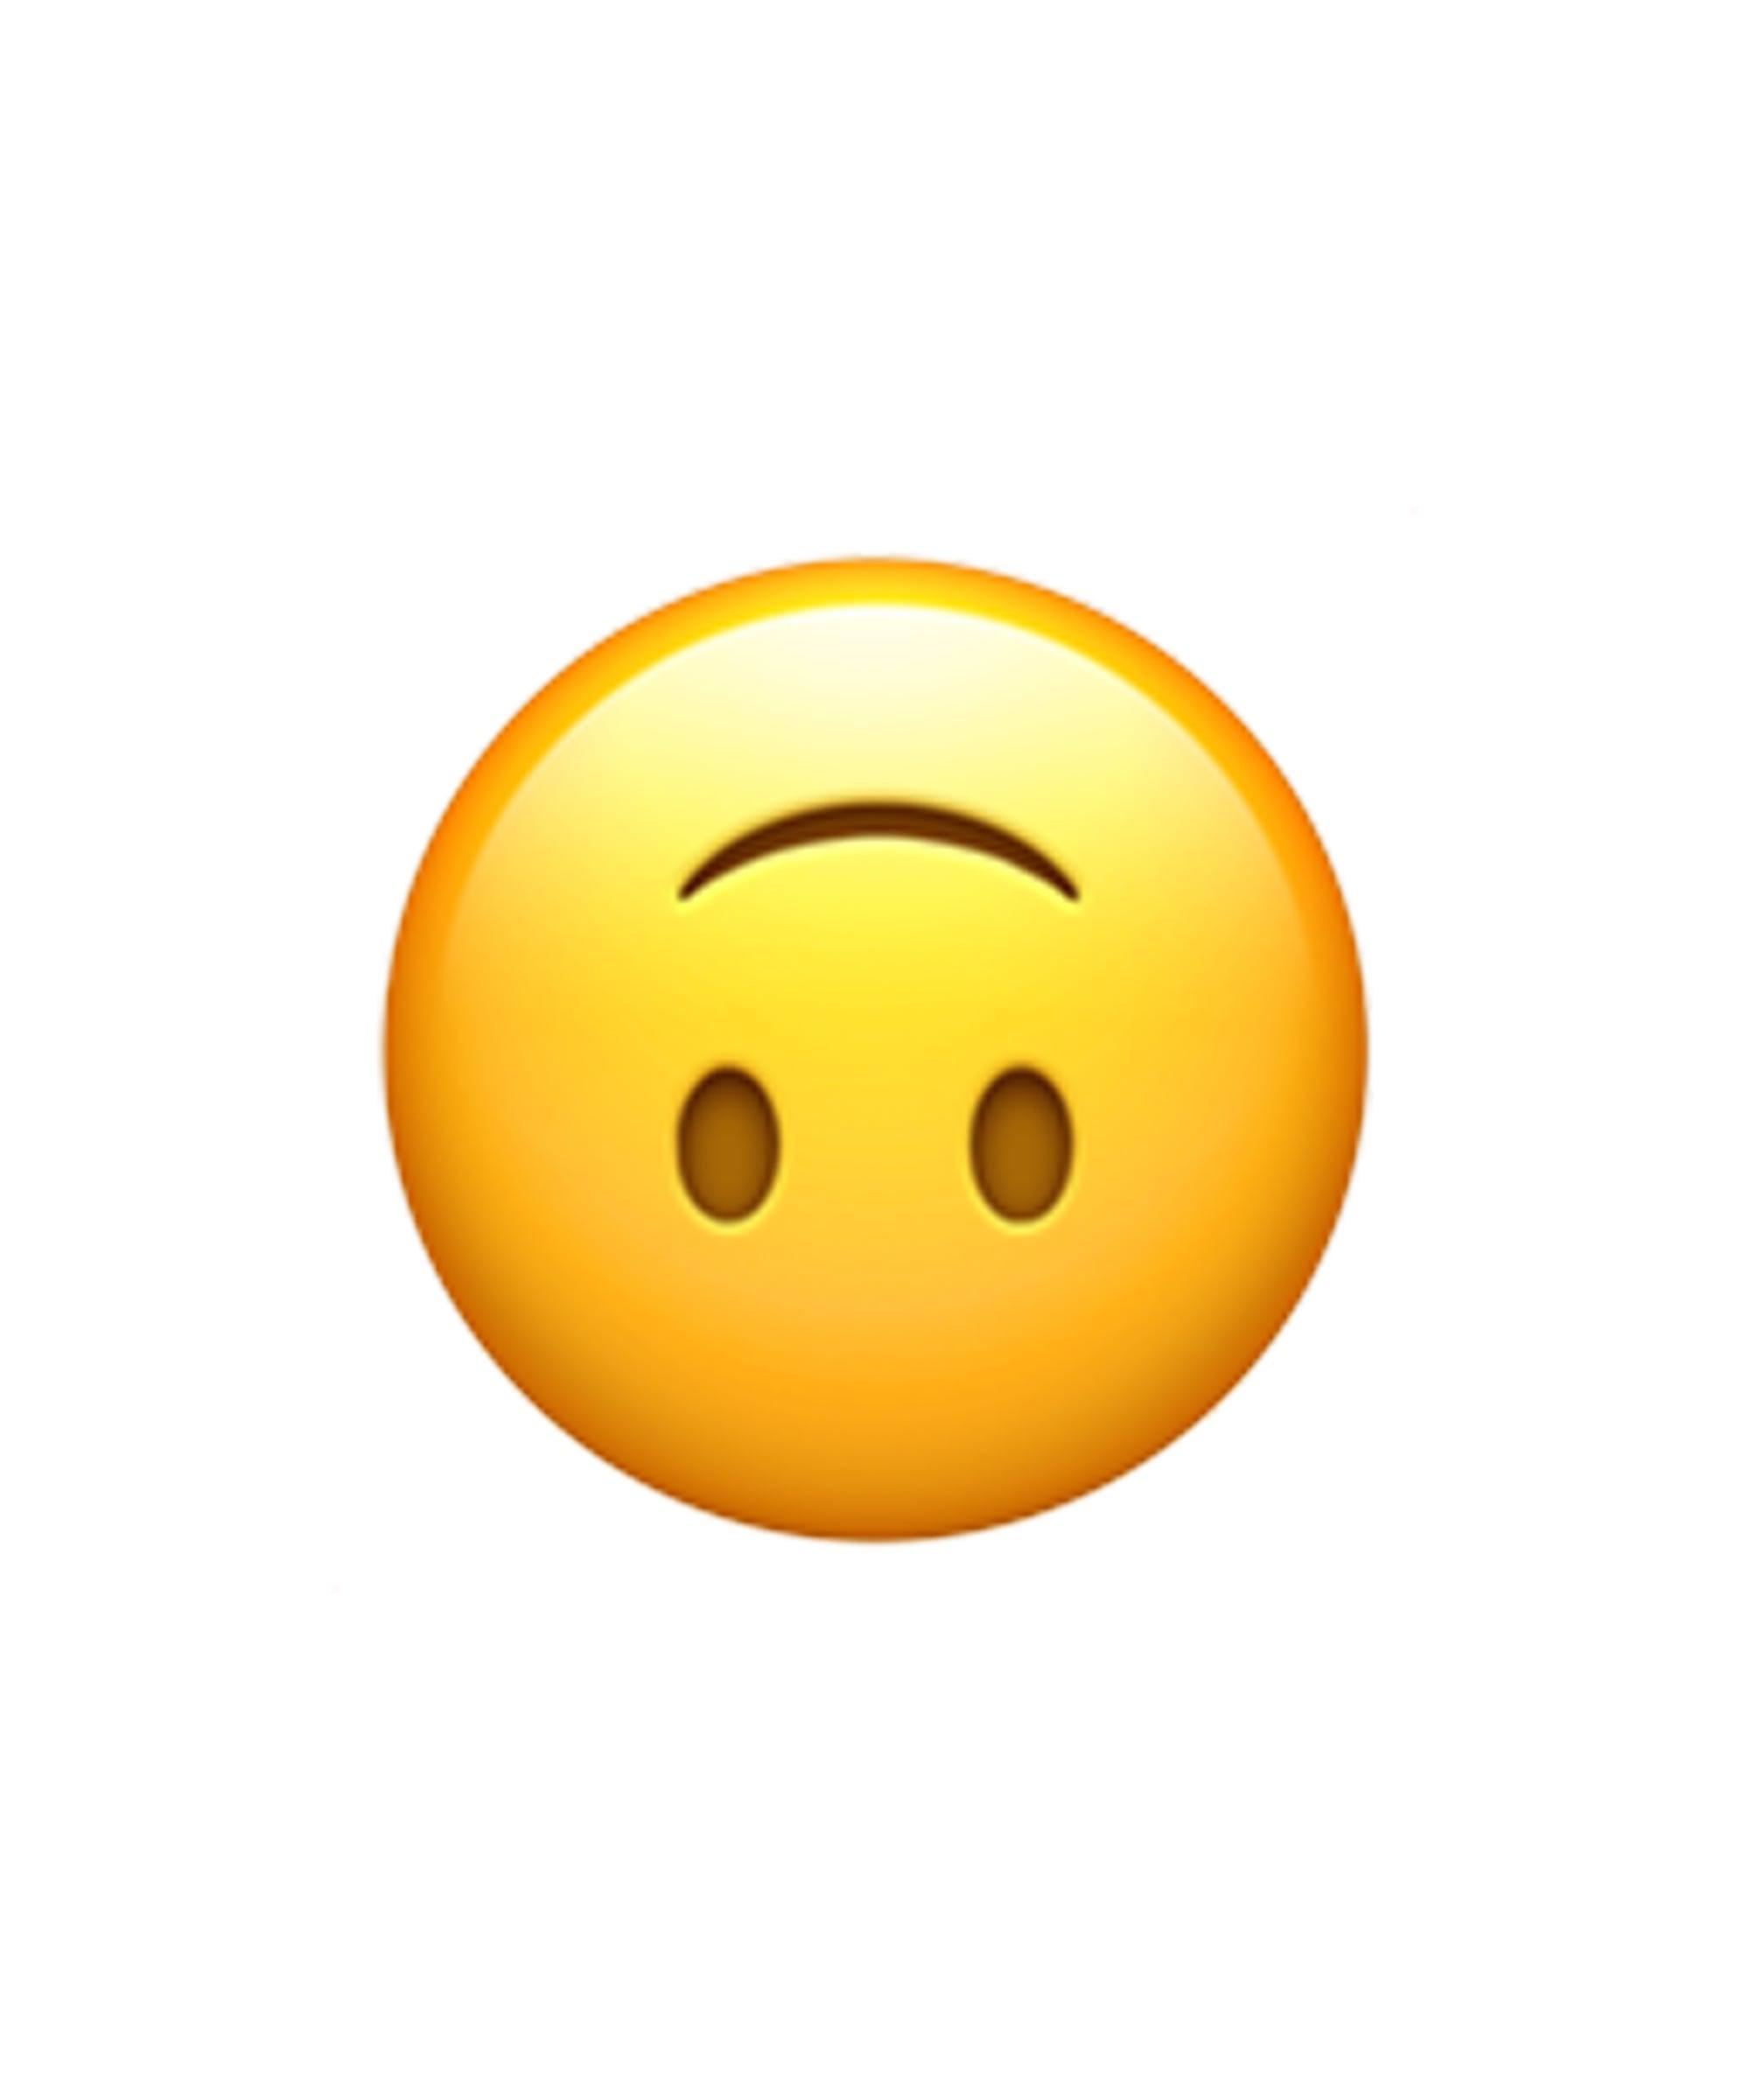 Die überraschenden Bedeutungen hinter den Emojis